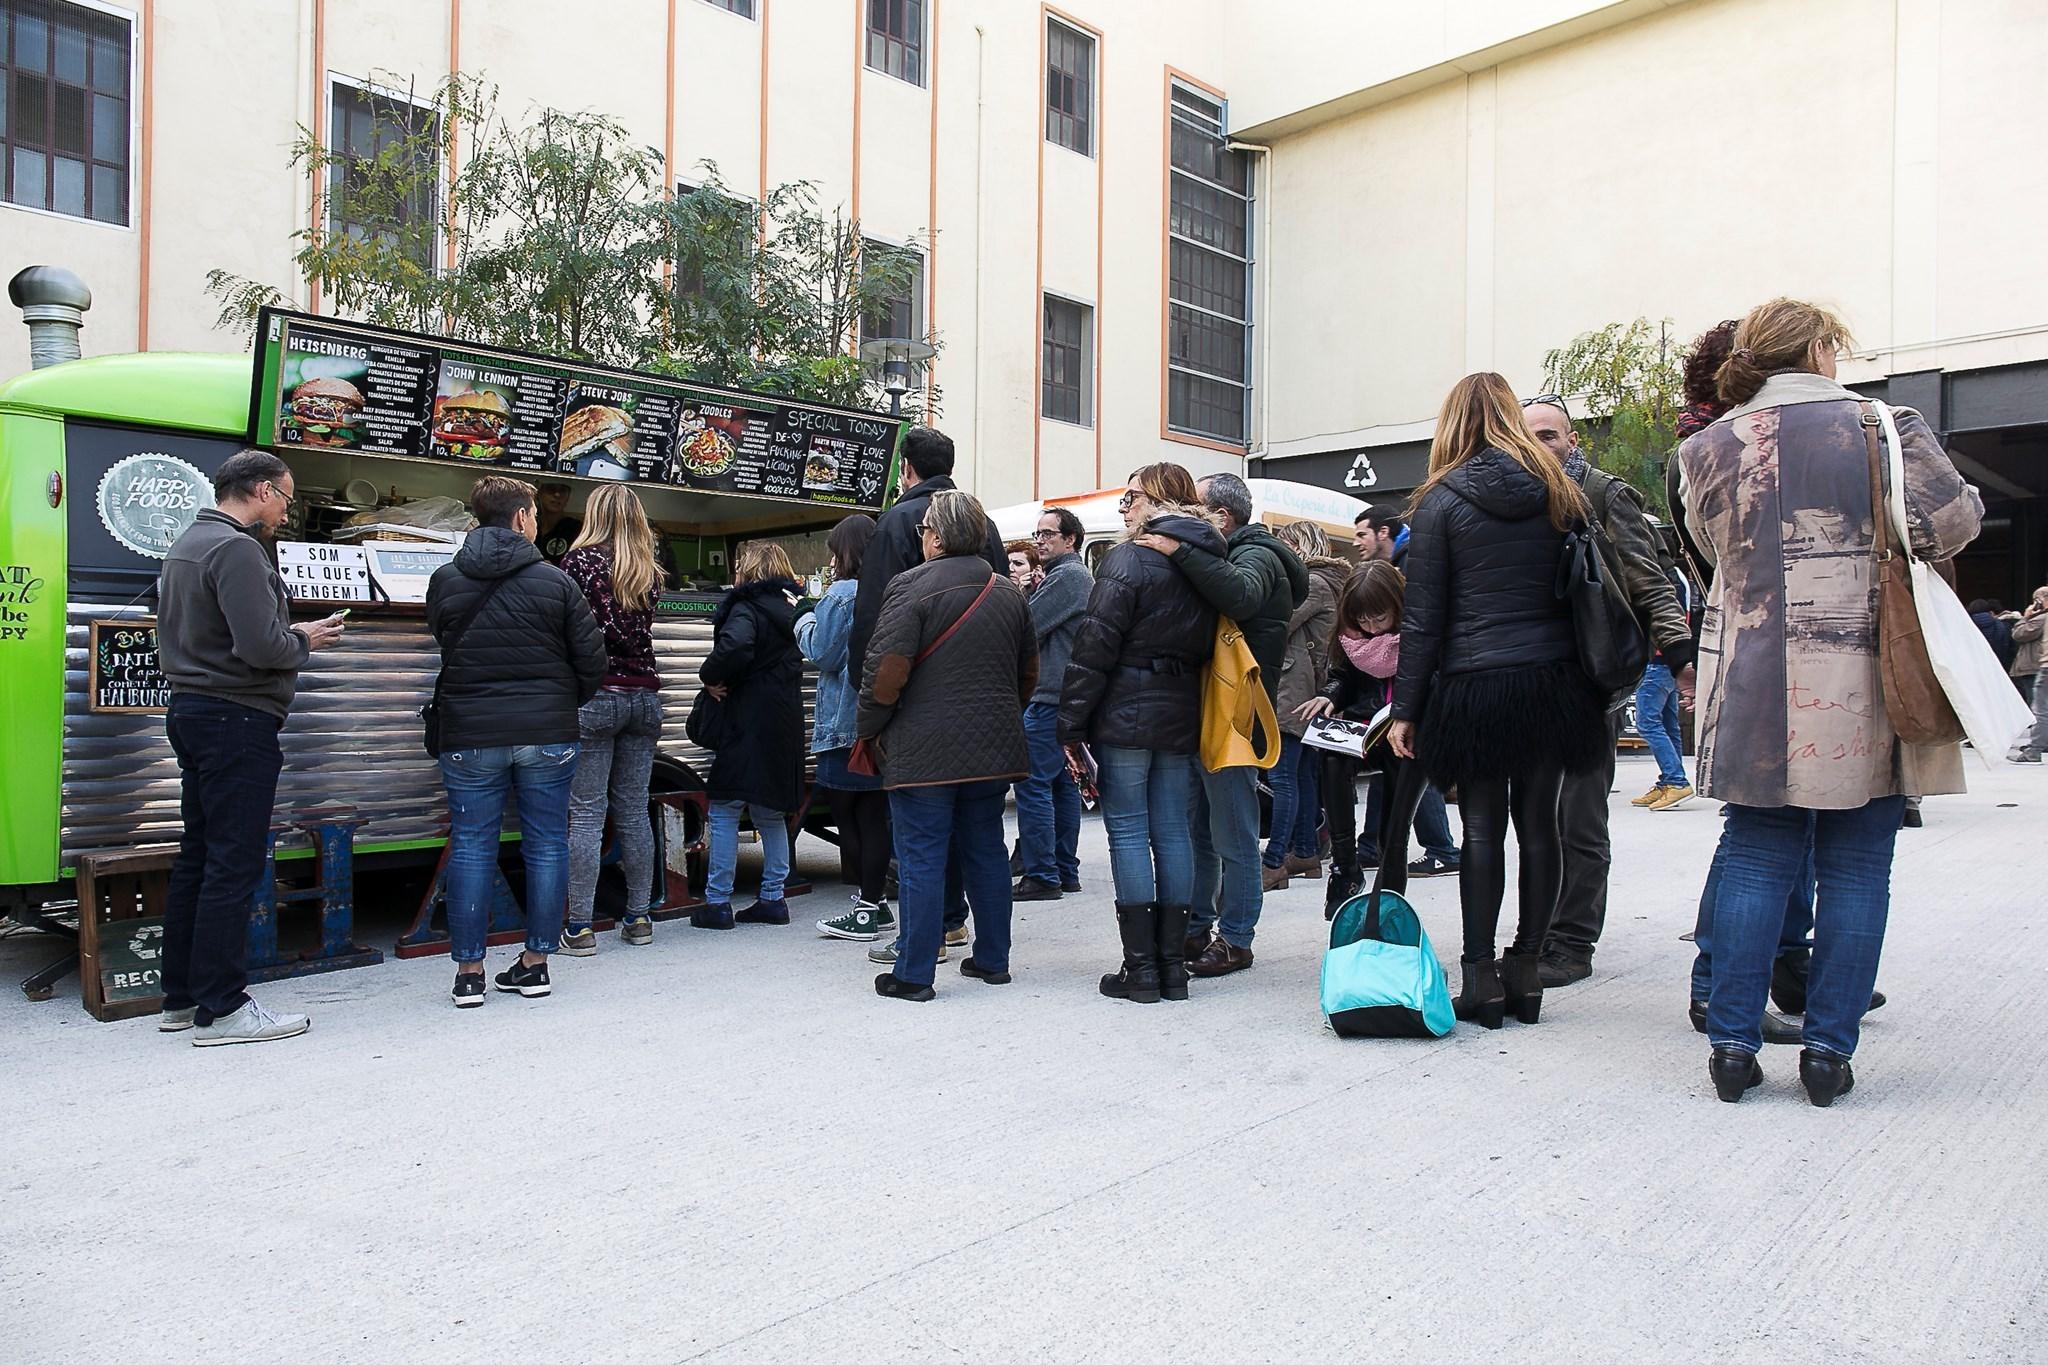 Les foodtrucks a la plaça del Mercat